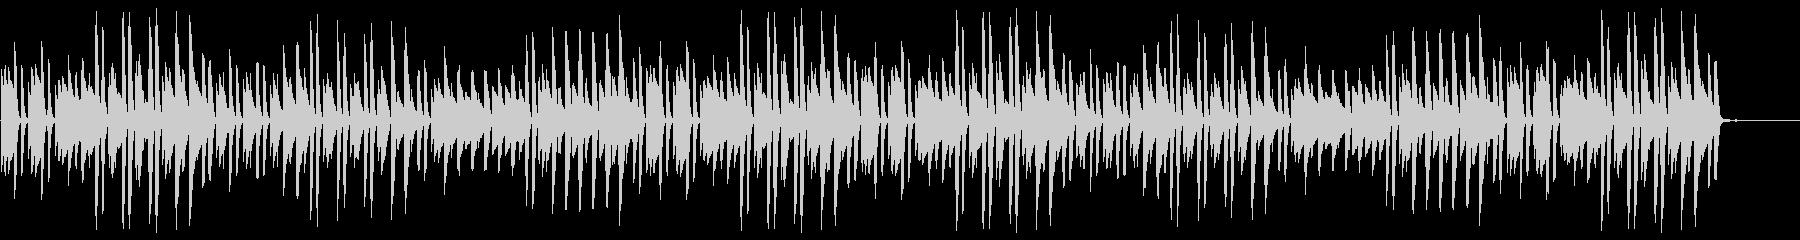 猫踏んじゃった【ピアノ】(ミドルテンポ)の未再生の波形